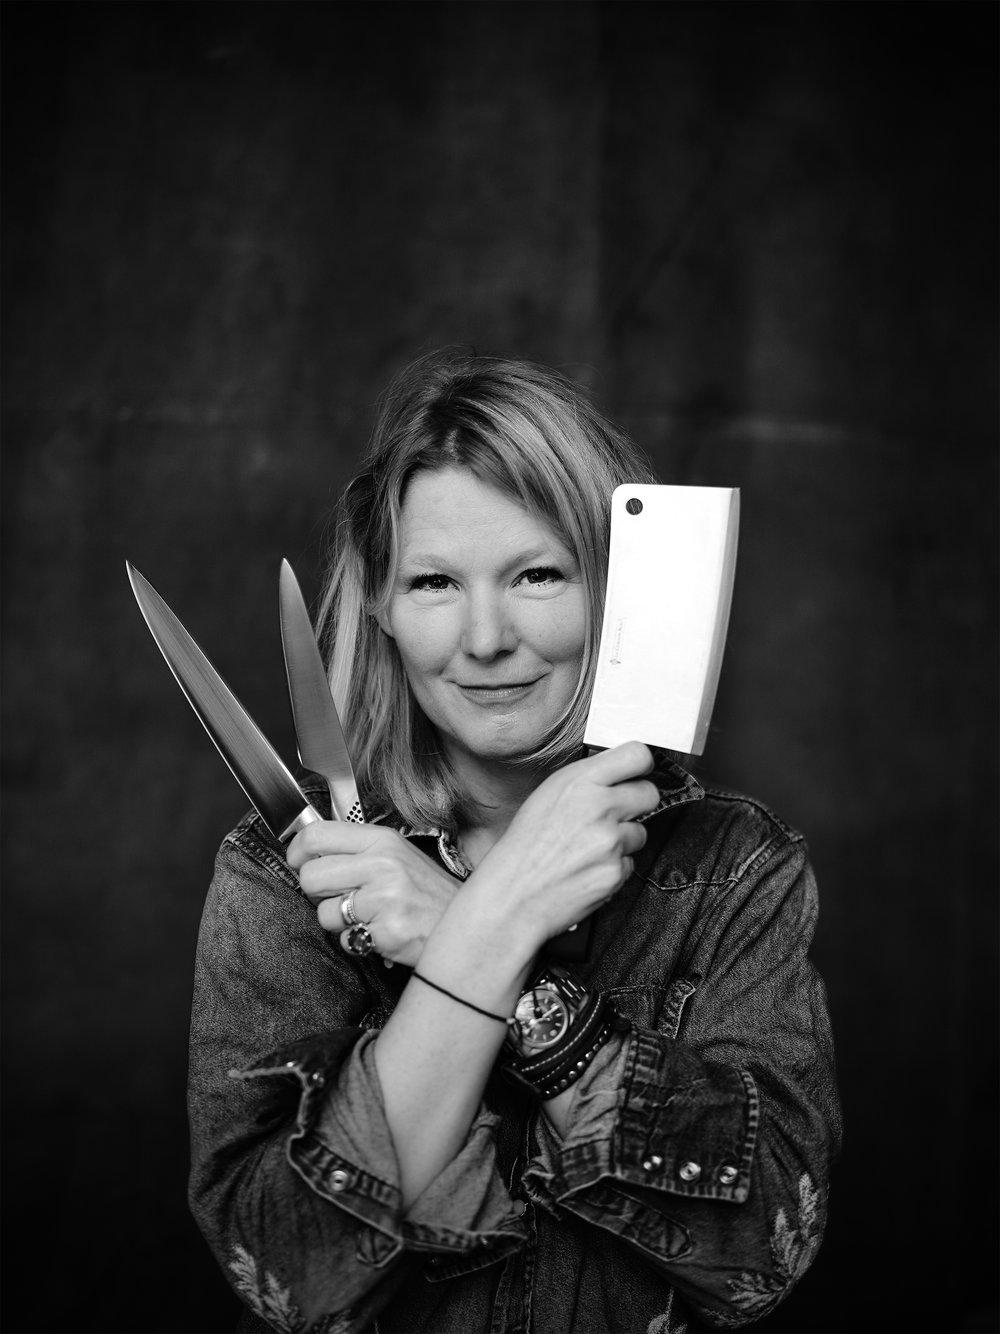 Martine Steenstra